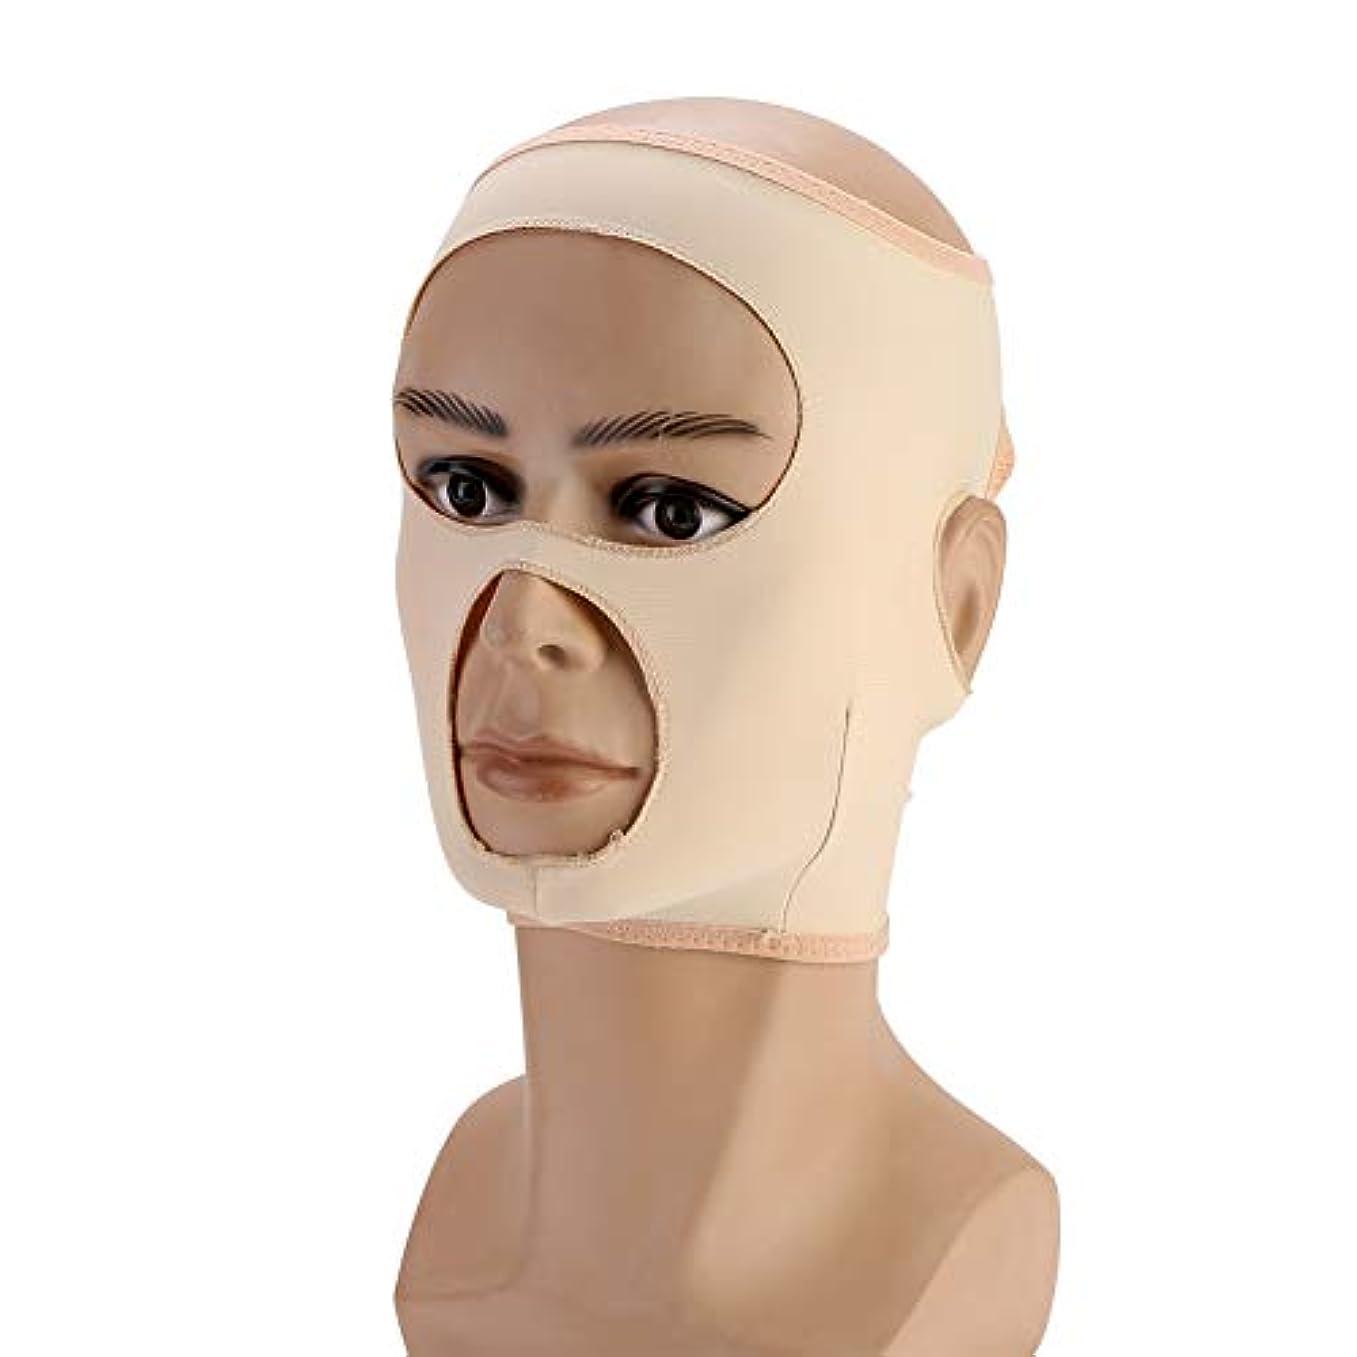 楽なヘルパー失望させるフェイス包帯 フェイシャルケア 小顔 美顔 Vライン 顔輪郭改善 美容包帯 通気性/伸縮性/自動調整バックル フェイシャル マスク フェイスラインスリムアップベルト(M)